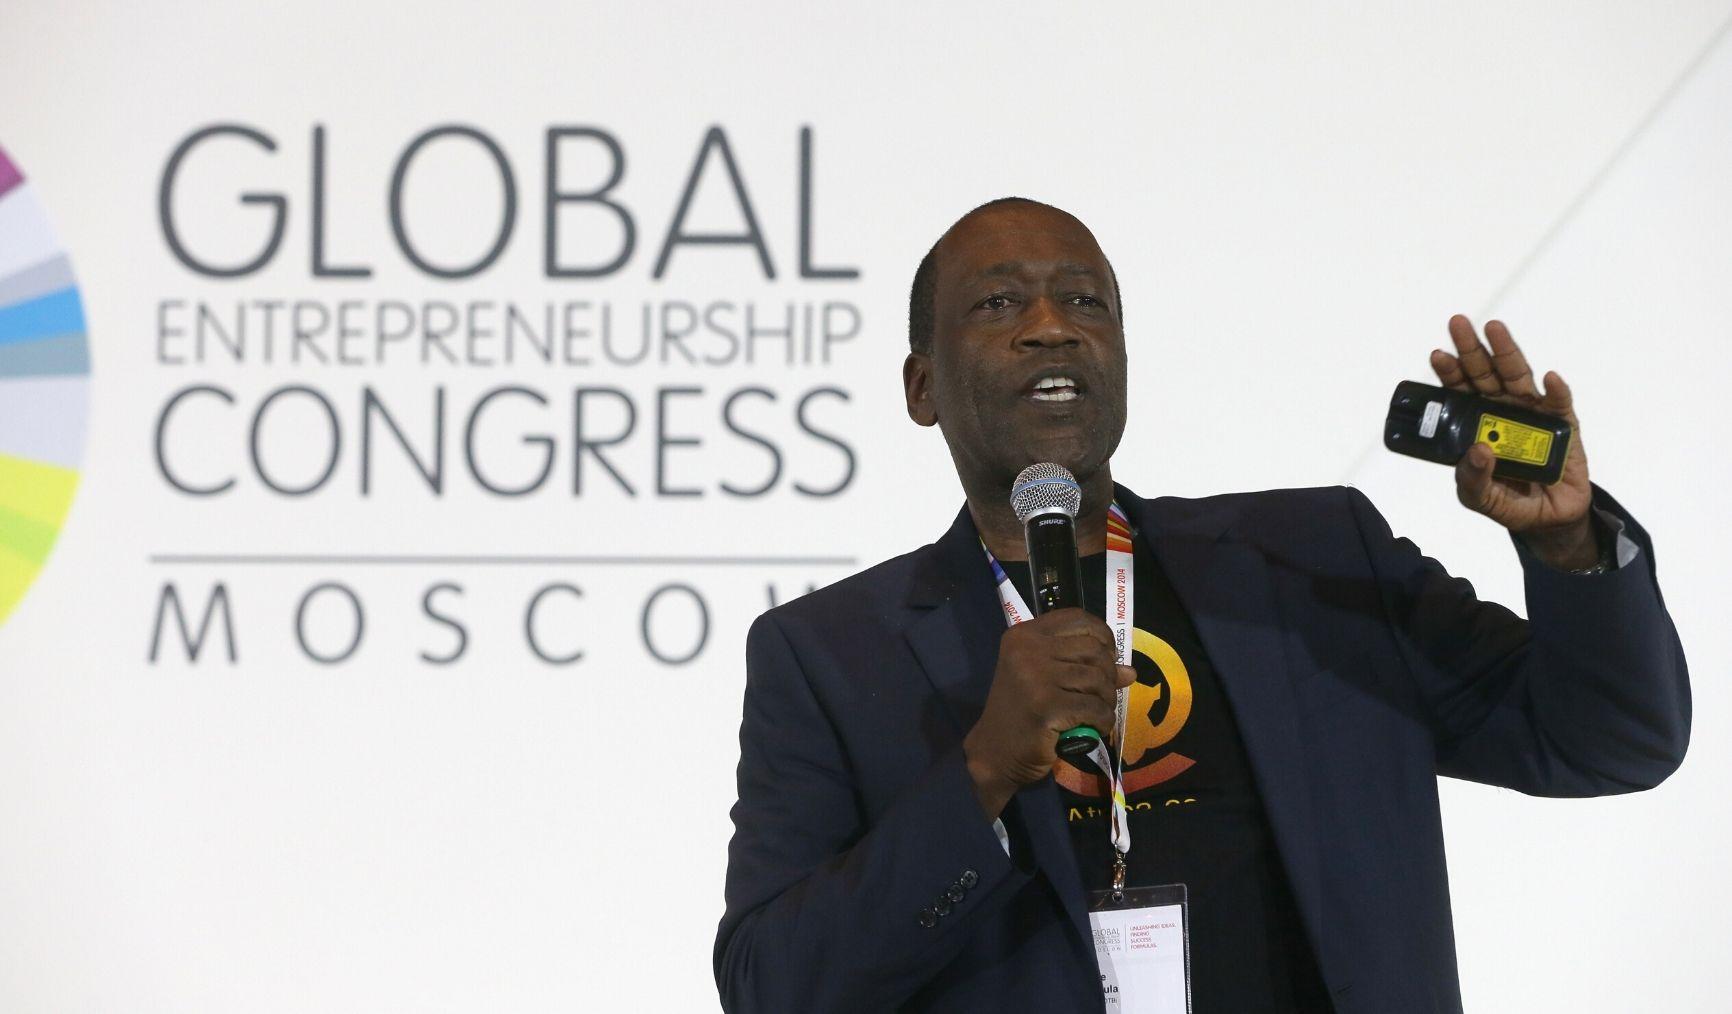 Africa's entrepreneurship journey towards prosperity